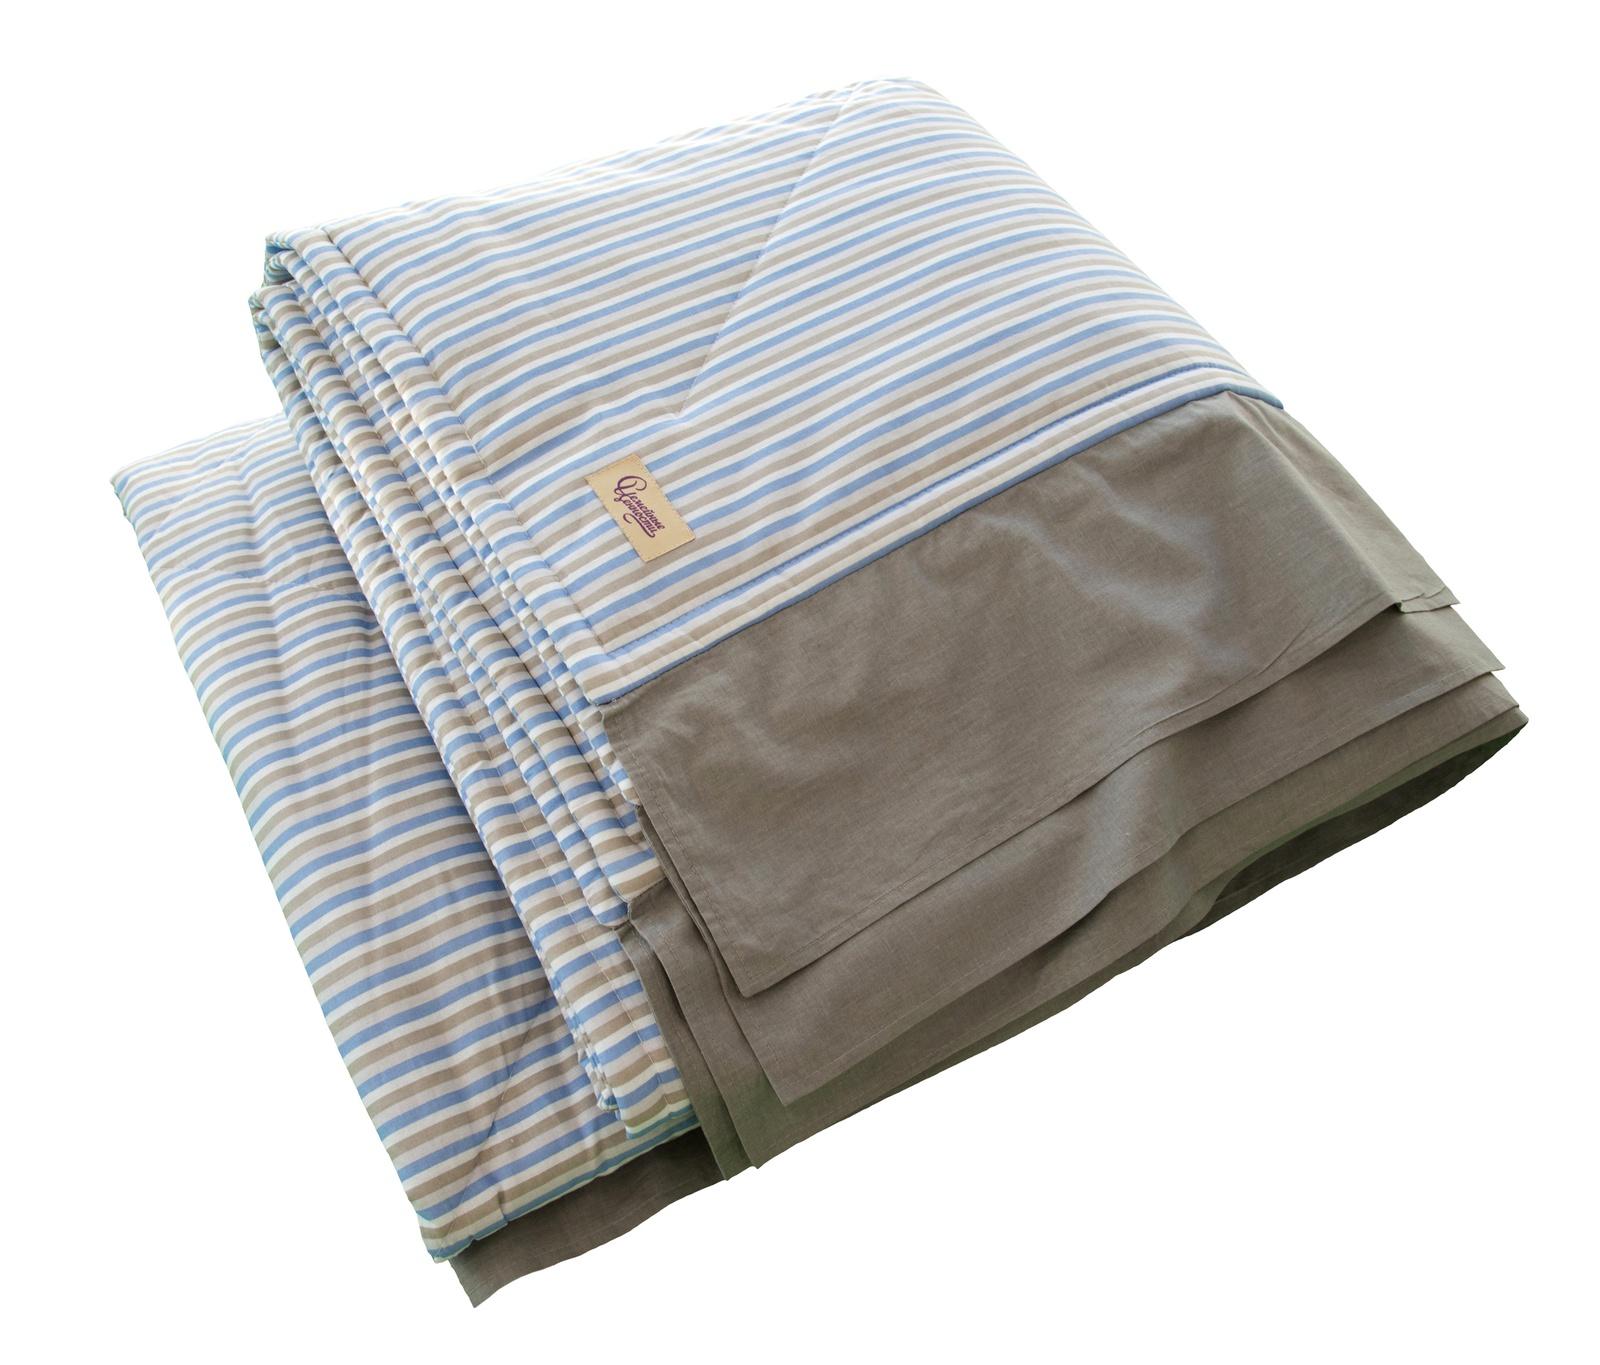 Одеяло детское Семейные ценности Одеяло-покрывало стеганое Французский шик с серой оборкой, темно-серыйПС2018/12-4Изделие выполнено из натуральной хлопчатобумажной ткани в полоску приятных оттенков - светло-синий, серый и белый. Отделка однотонная серого цвета. Благодаря деликатному рисунку и общей элегантной стилистике одеяло-покрывало отлично подойдет для мальчика-подростка и составит стильный комплект к наволочкам и простыни из коллекции. Изделие легко стирается в машинке. 180 см * 200 см. Хлопок 100%. Наполнитель одеяла: синтепон.